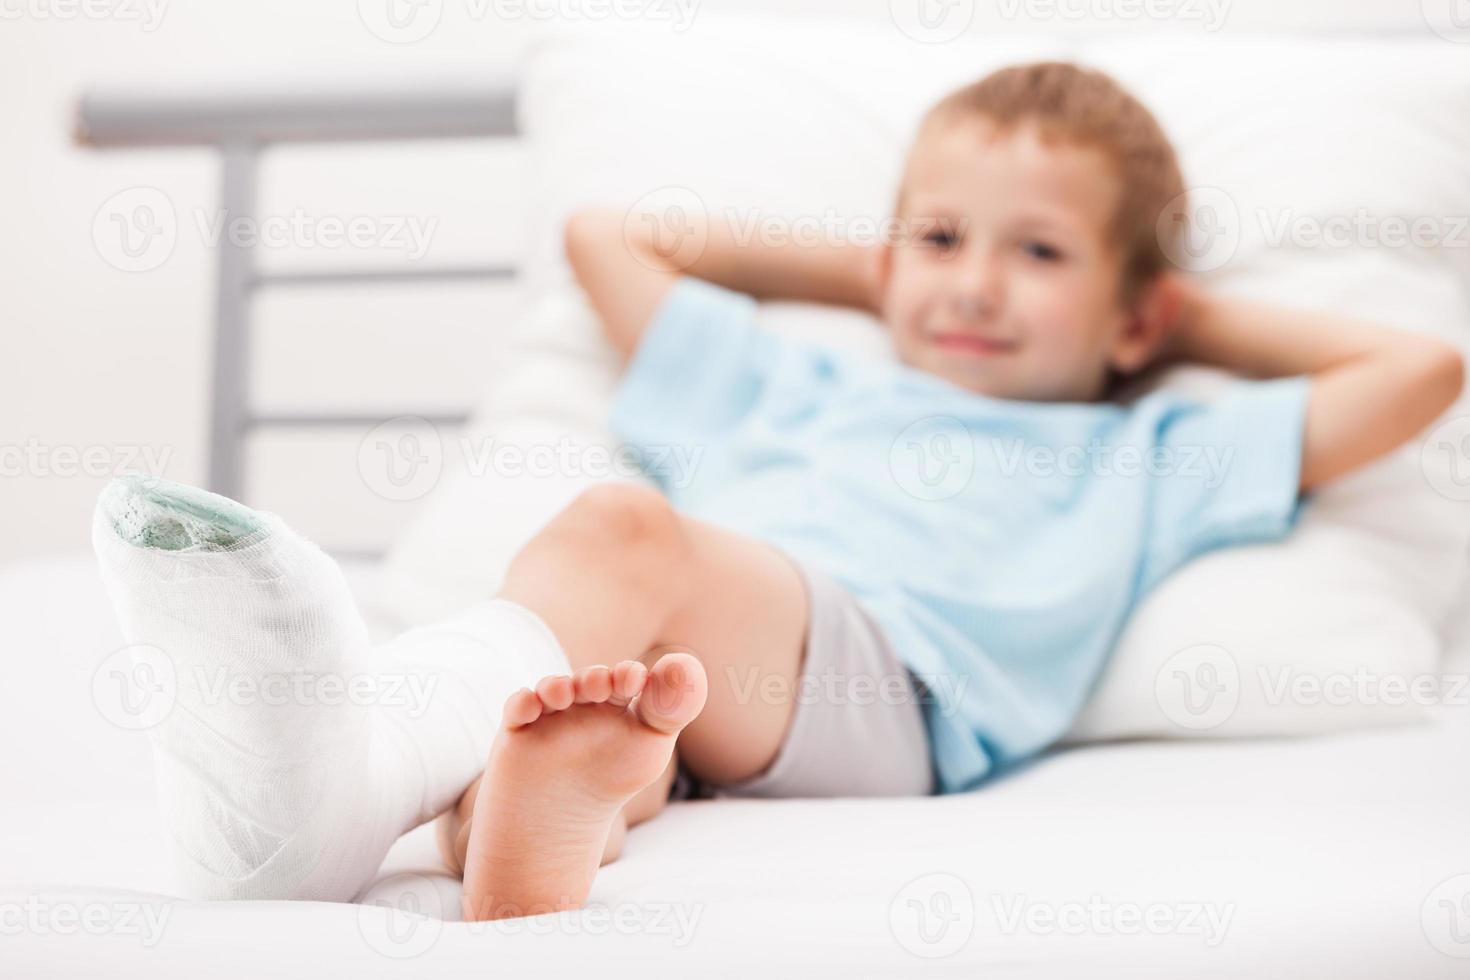 fracture du talon de la jambe de l'enfant ou bandage de plâtre osseux du pied cassé photo